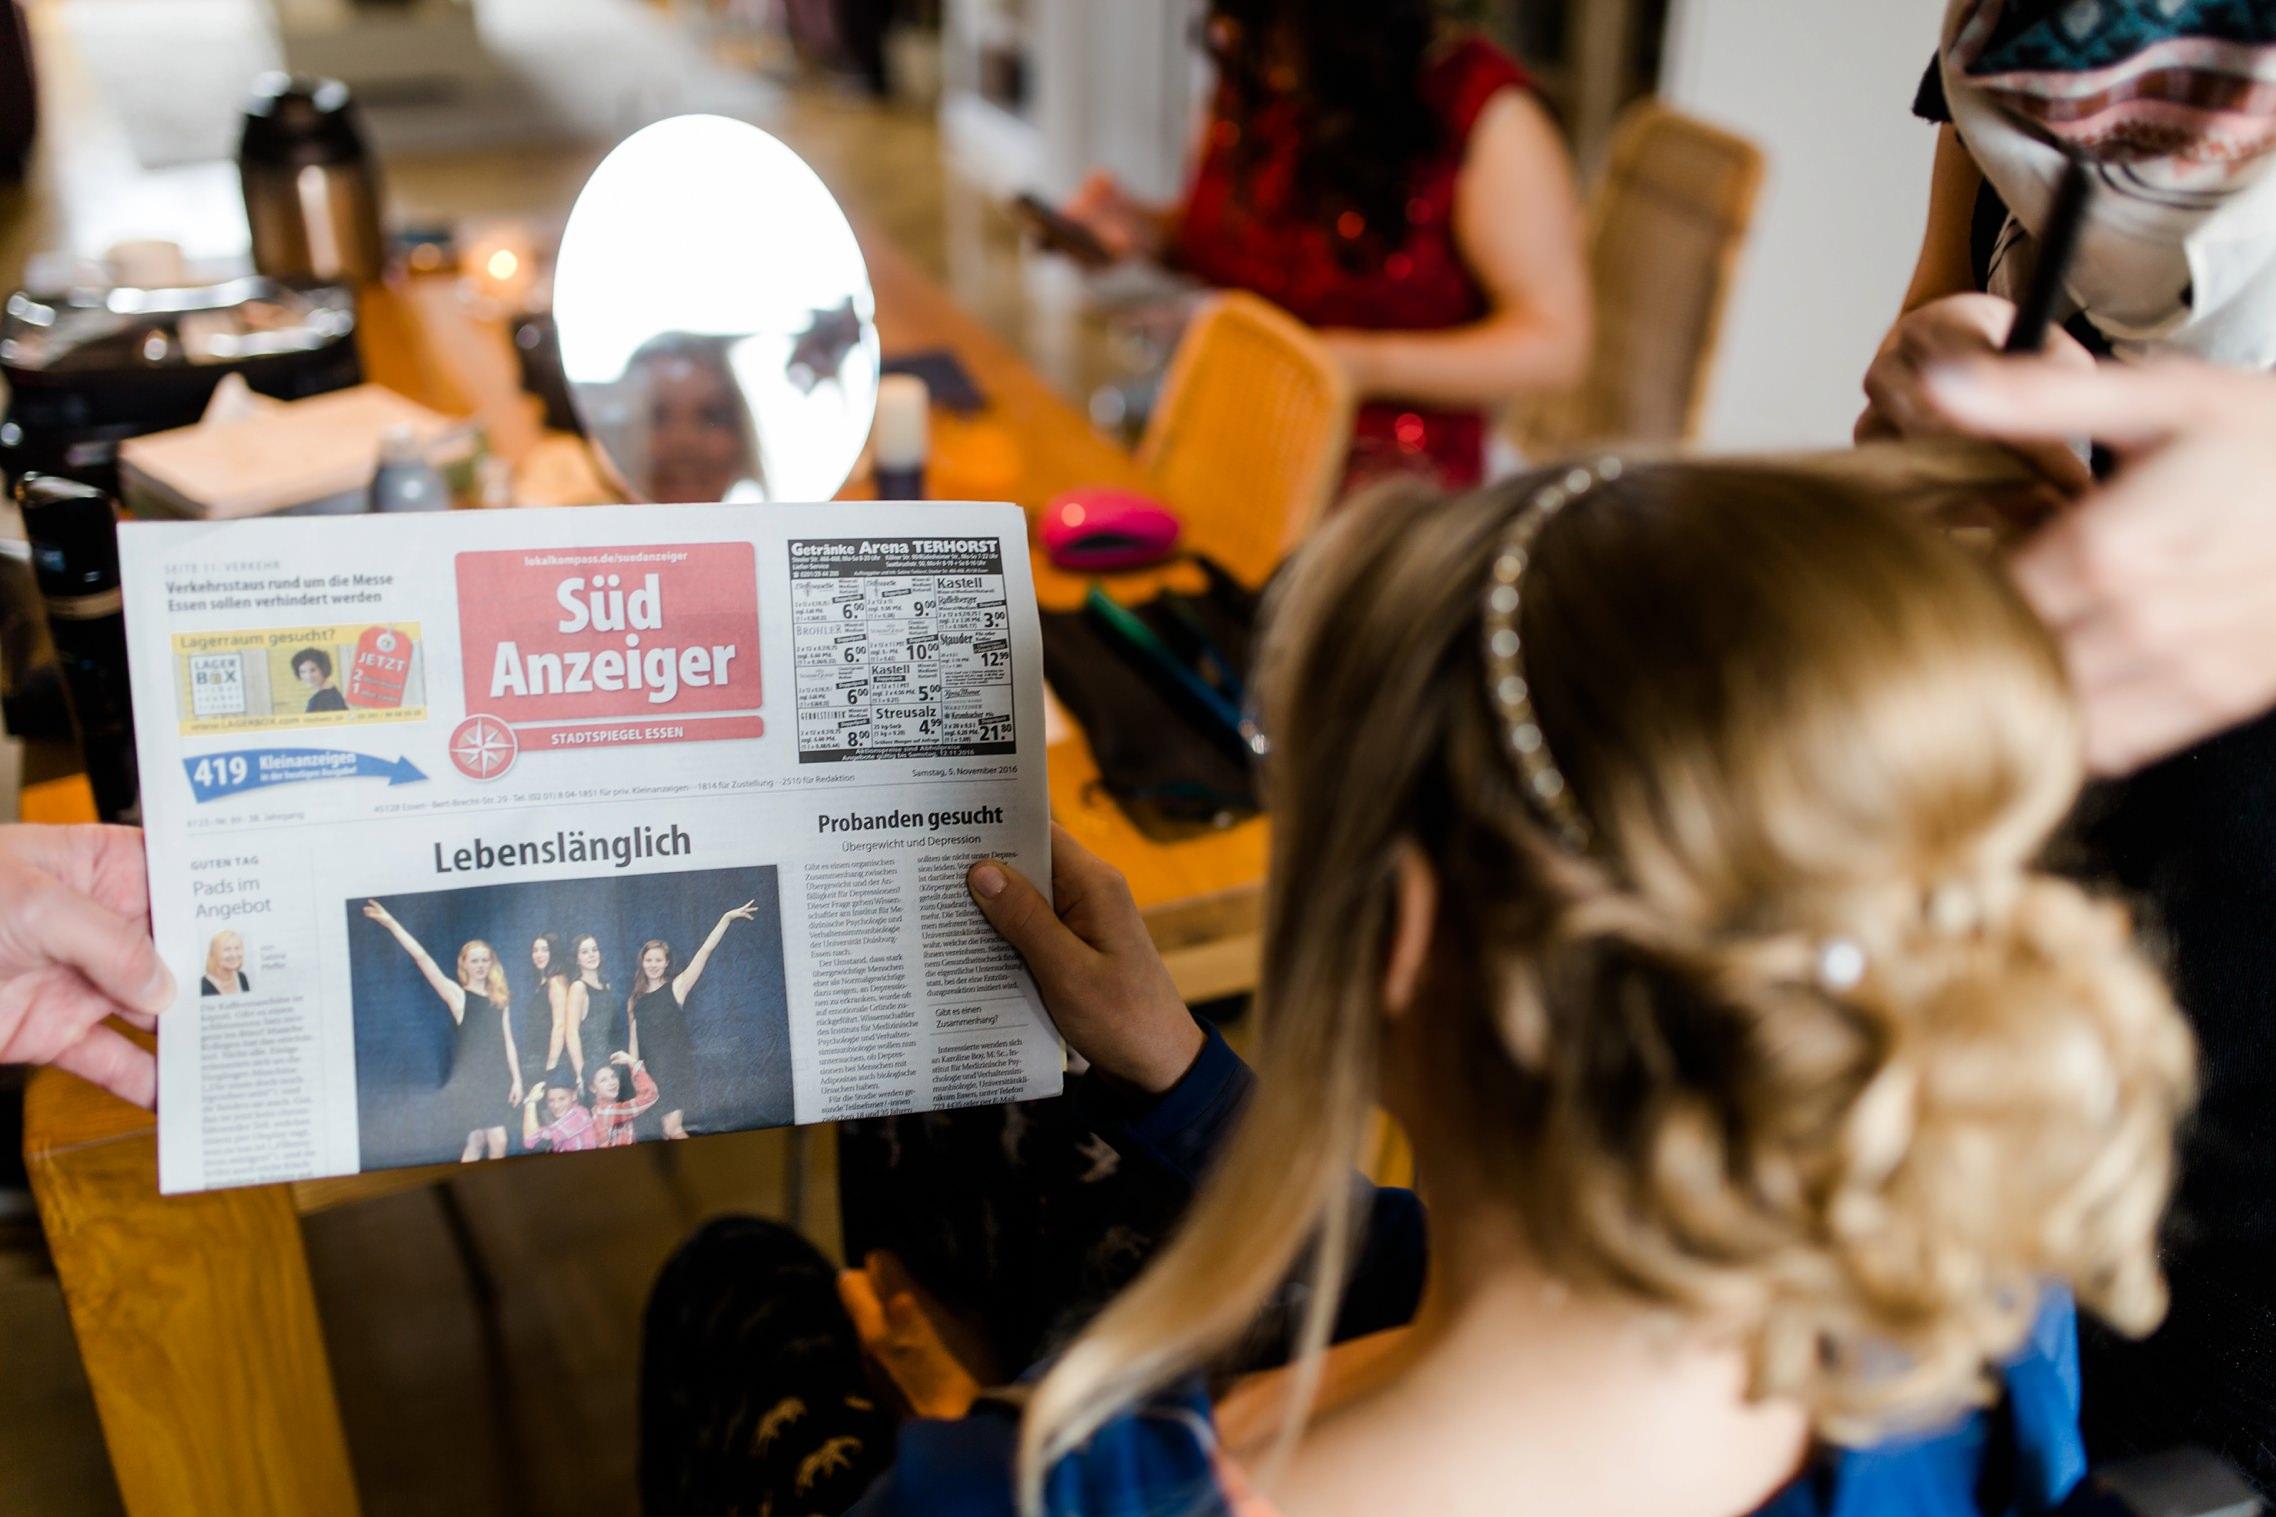 Lustige Schlagzeile am Hochzeitstag im Süd Anzeiger: Lebenslänglich